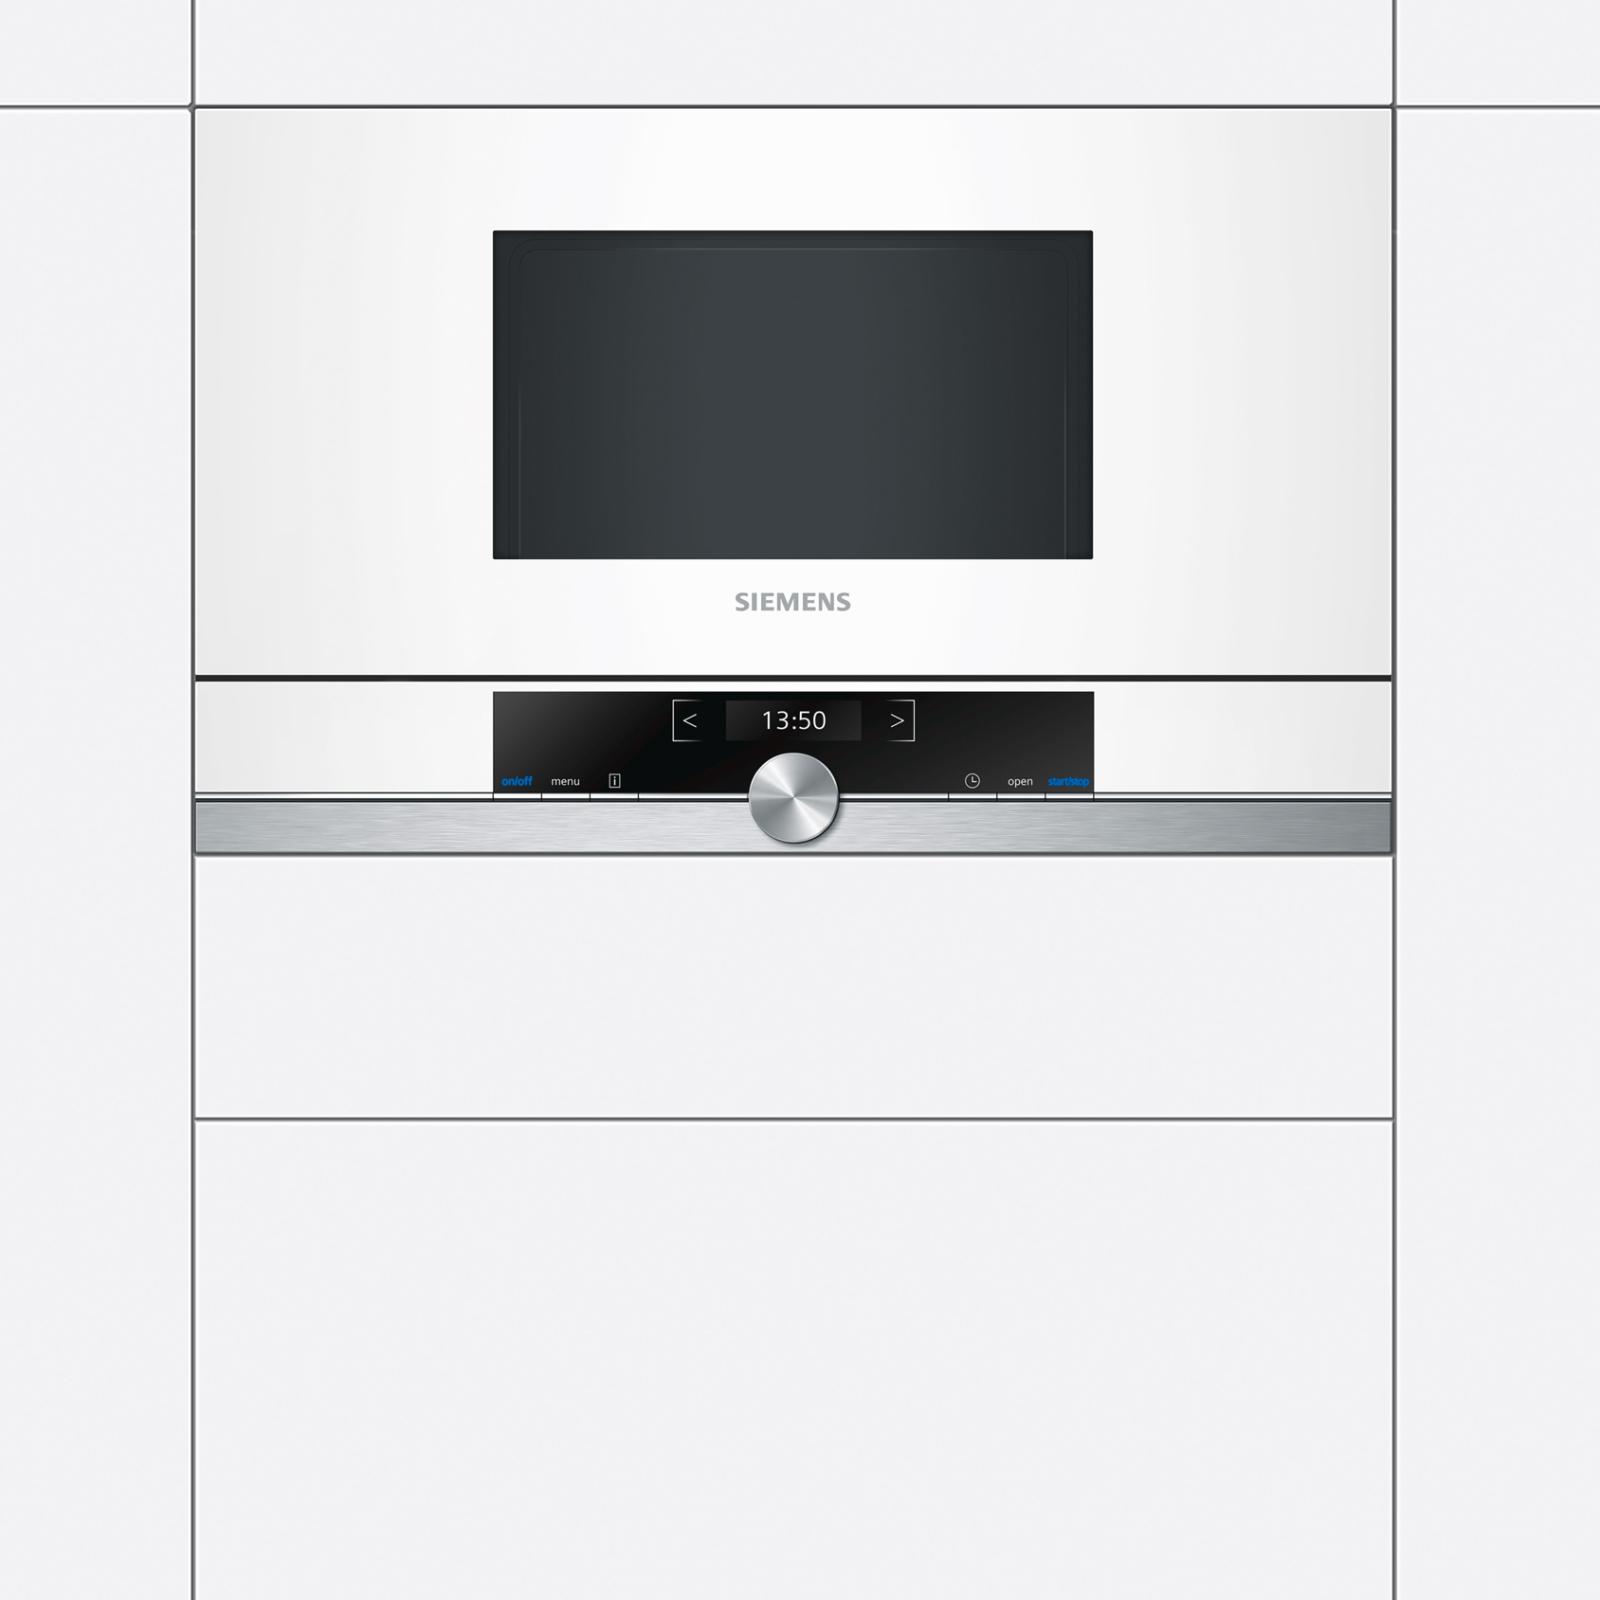 Микроволновая печь Siemens BF 634 RGW1 (BF634RGW1) изображение 3